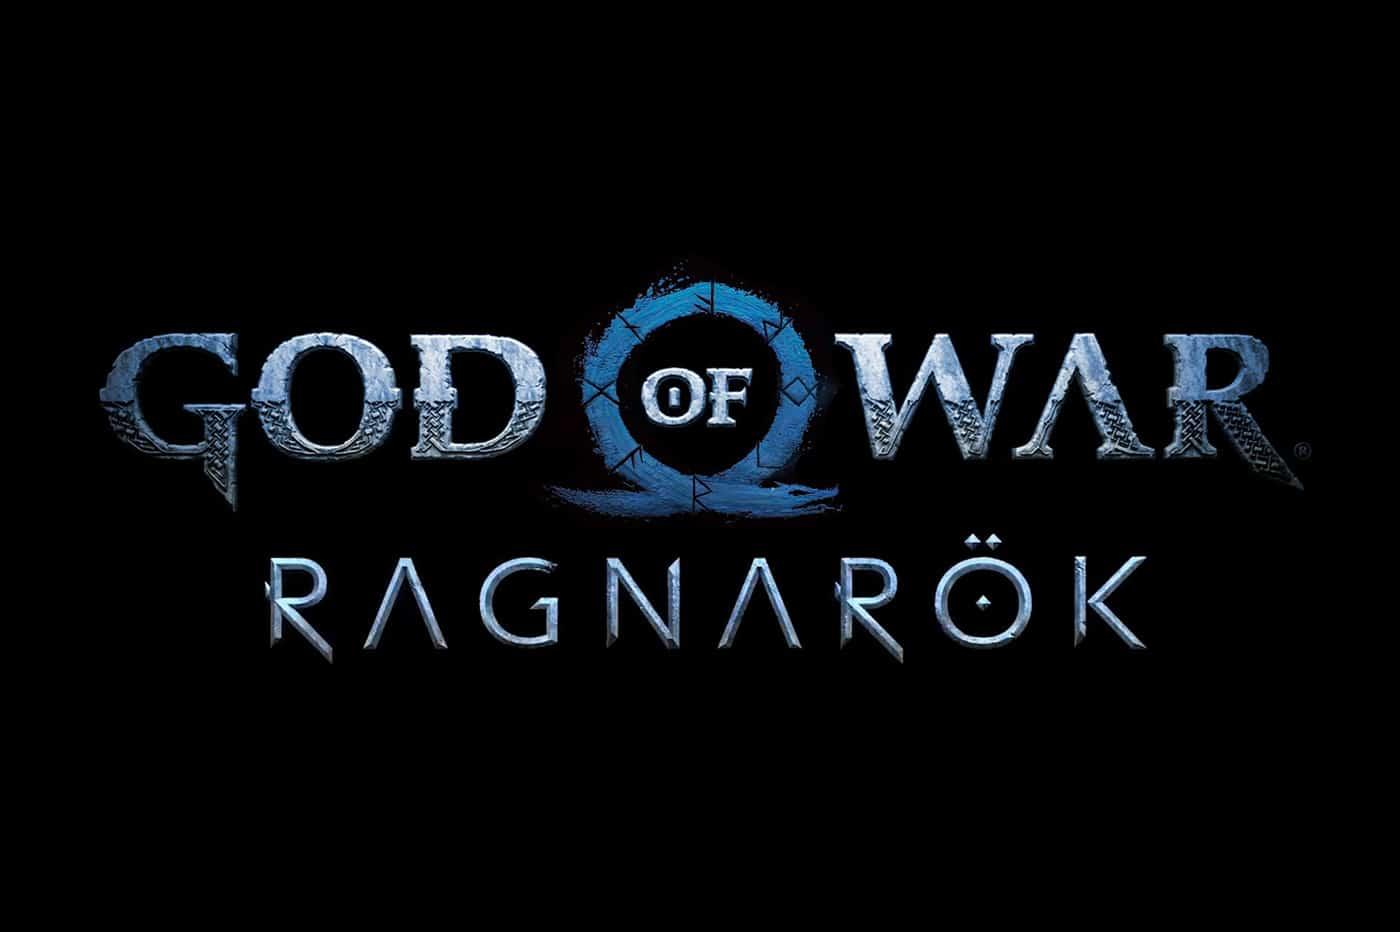 God Of War Ragnarök, PS5, GamersRD